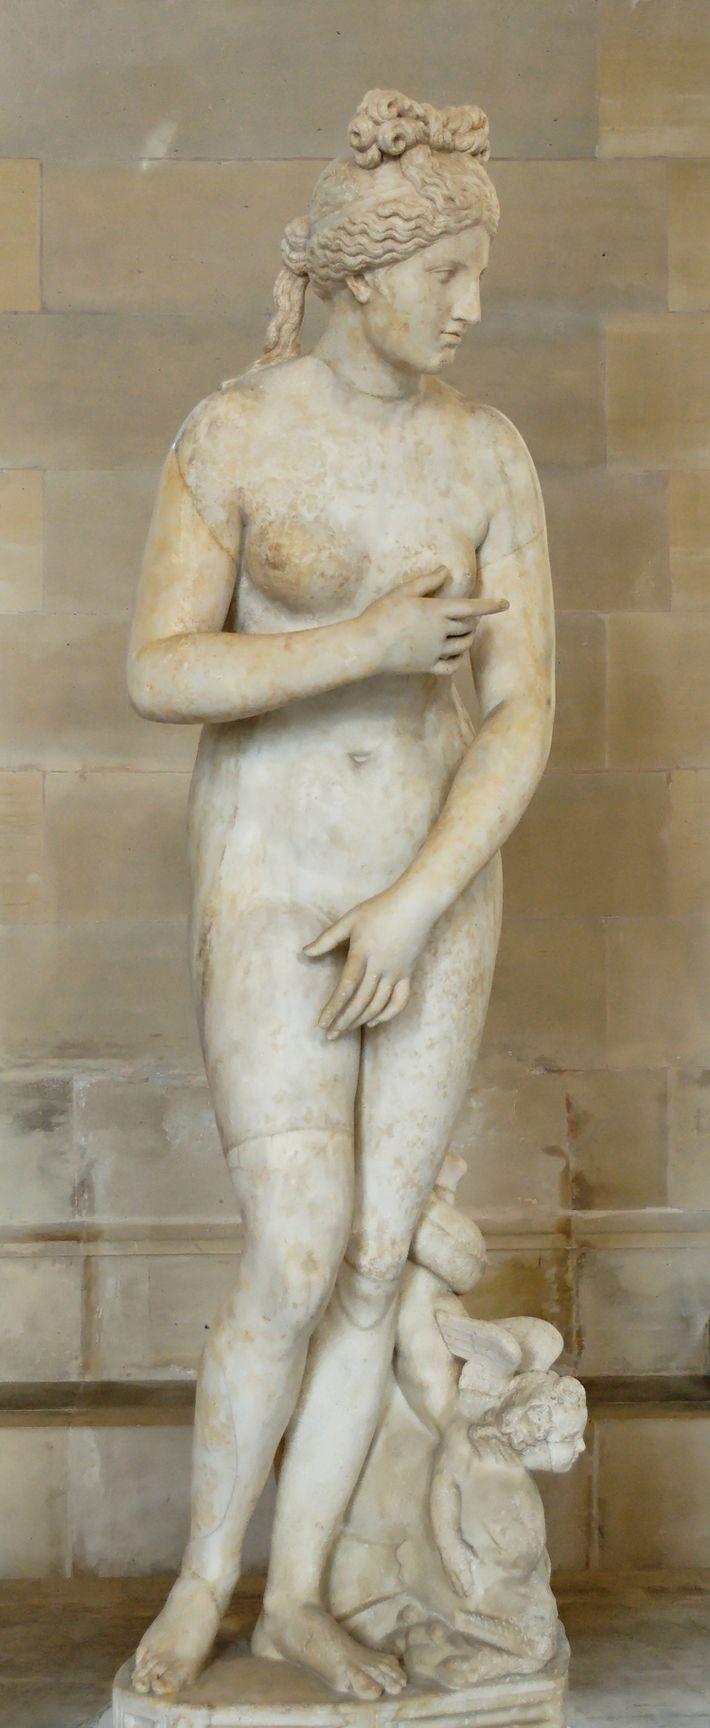 LA VÉNUS DU CAPITOLE - Cette représentation de la déesse de l'Amour s'inspire de l'Aphrodite de ...